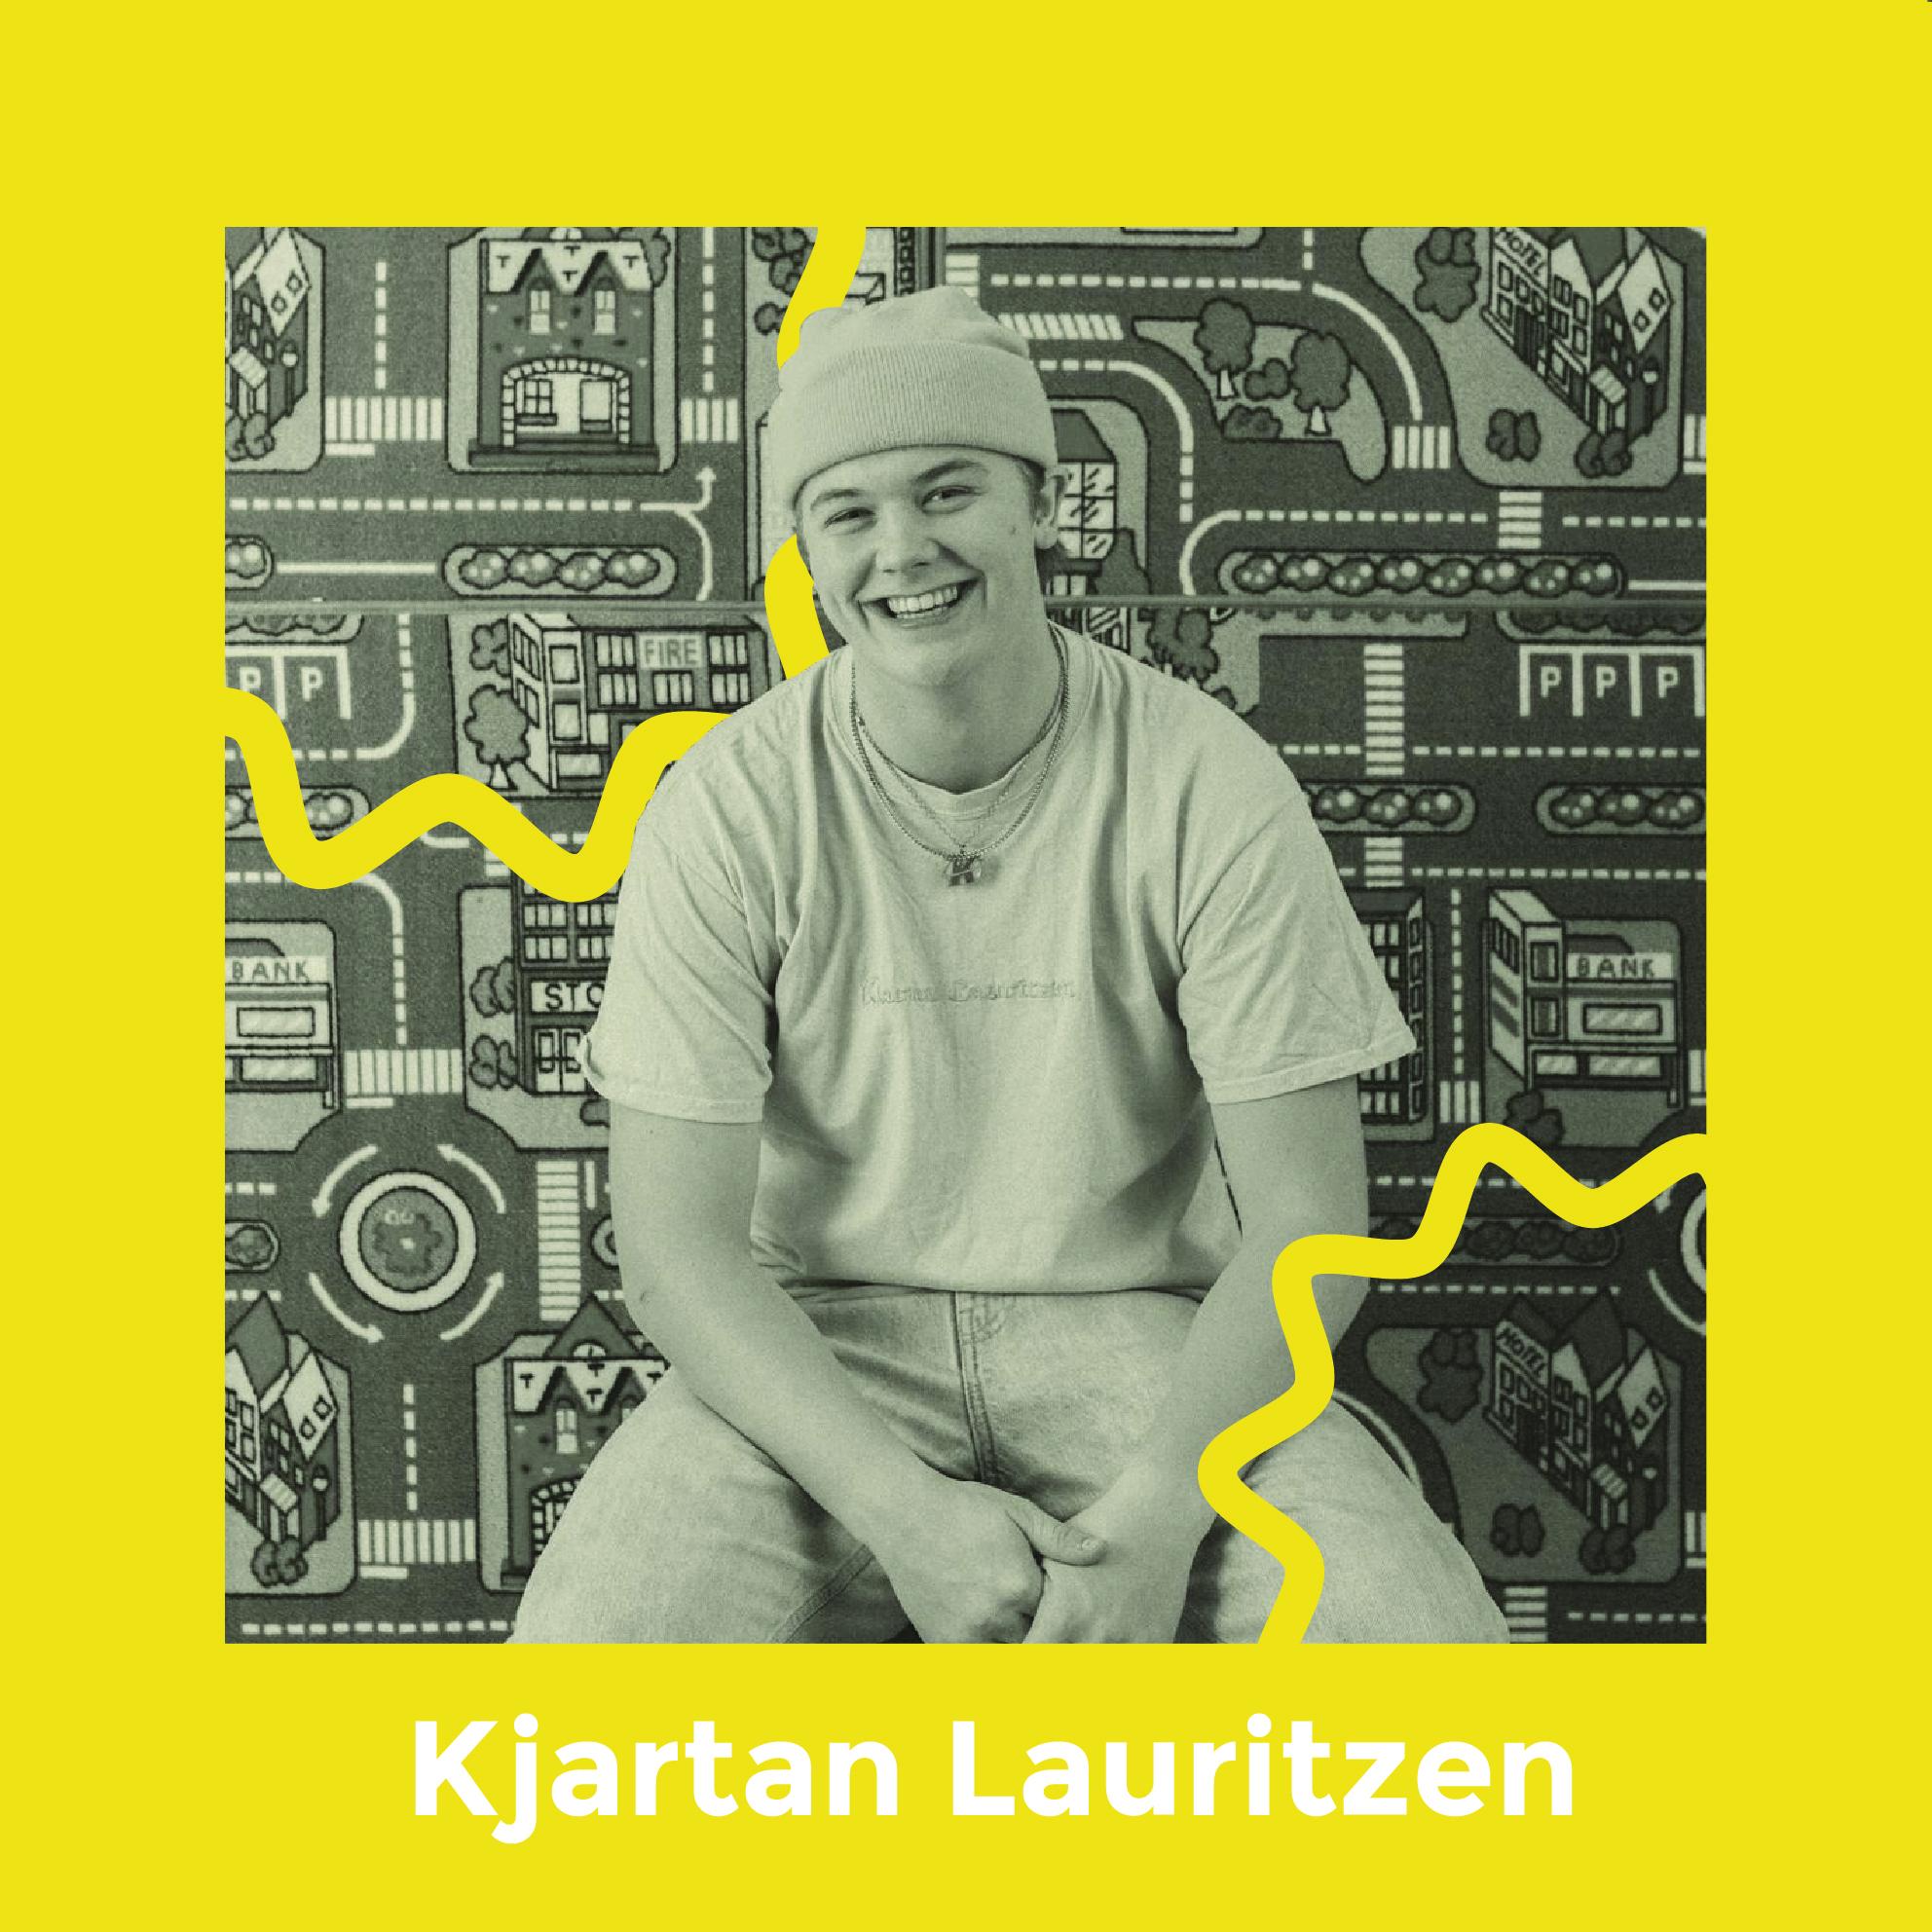 Kjartan Lauritzen - Det er ei stor ære å ynskje Balestrand sin store son, Kjartan Lauritzen, velkomen tilbake til Jordeplerock! I 2016 skapte Lauritzen eit show utan like, og vi forventar fantastisk stemning med han på scena, denne gongen med fleire store nasjonale hits i baklomma.